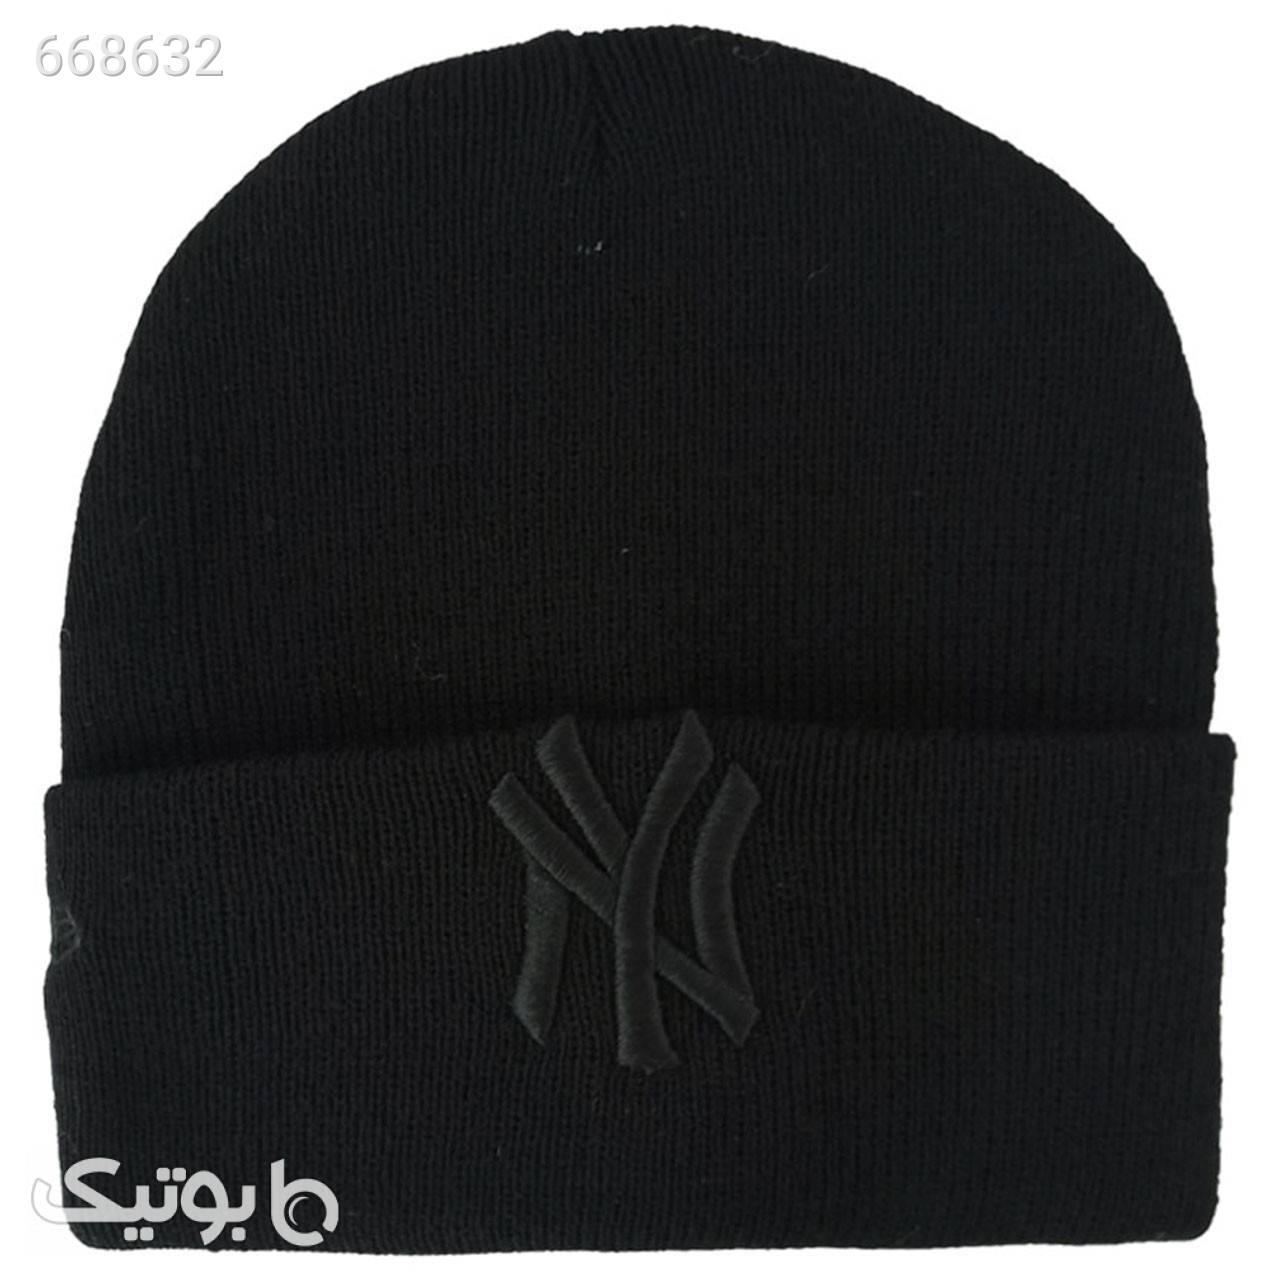 کلاه بافتنی کد M463 مشکی کلاه بافت و شال گردن و دستکش